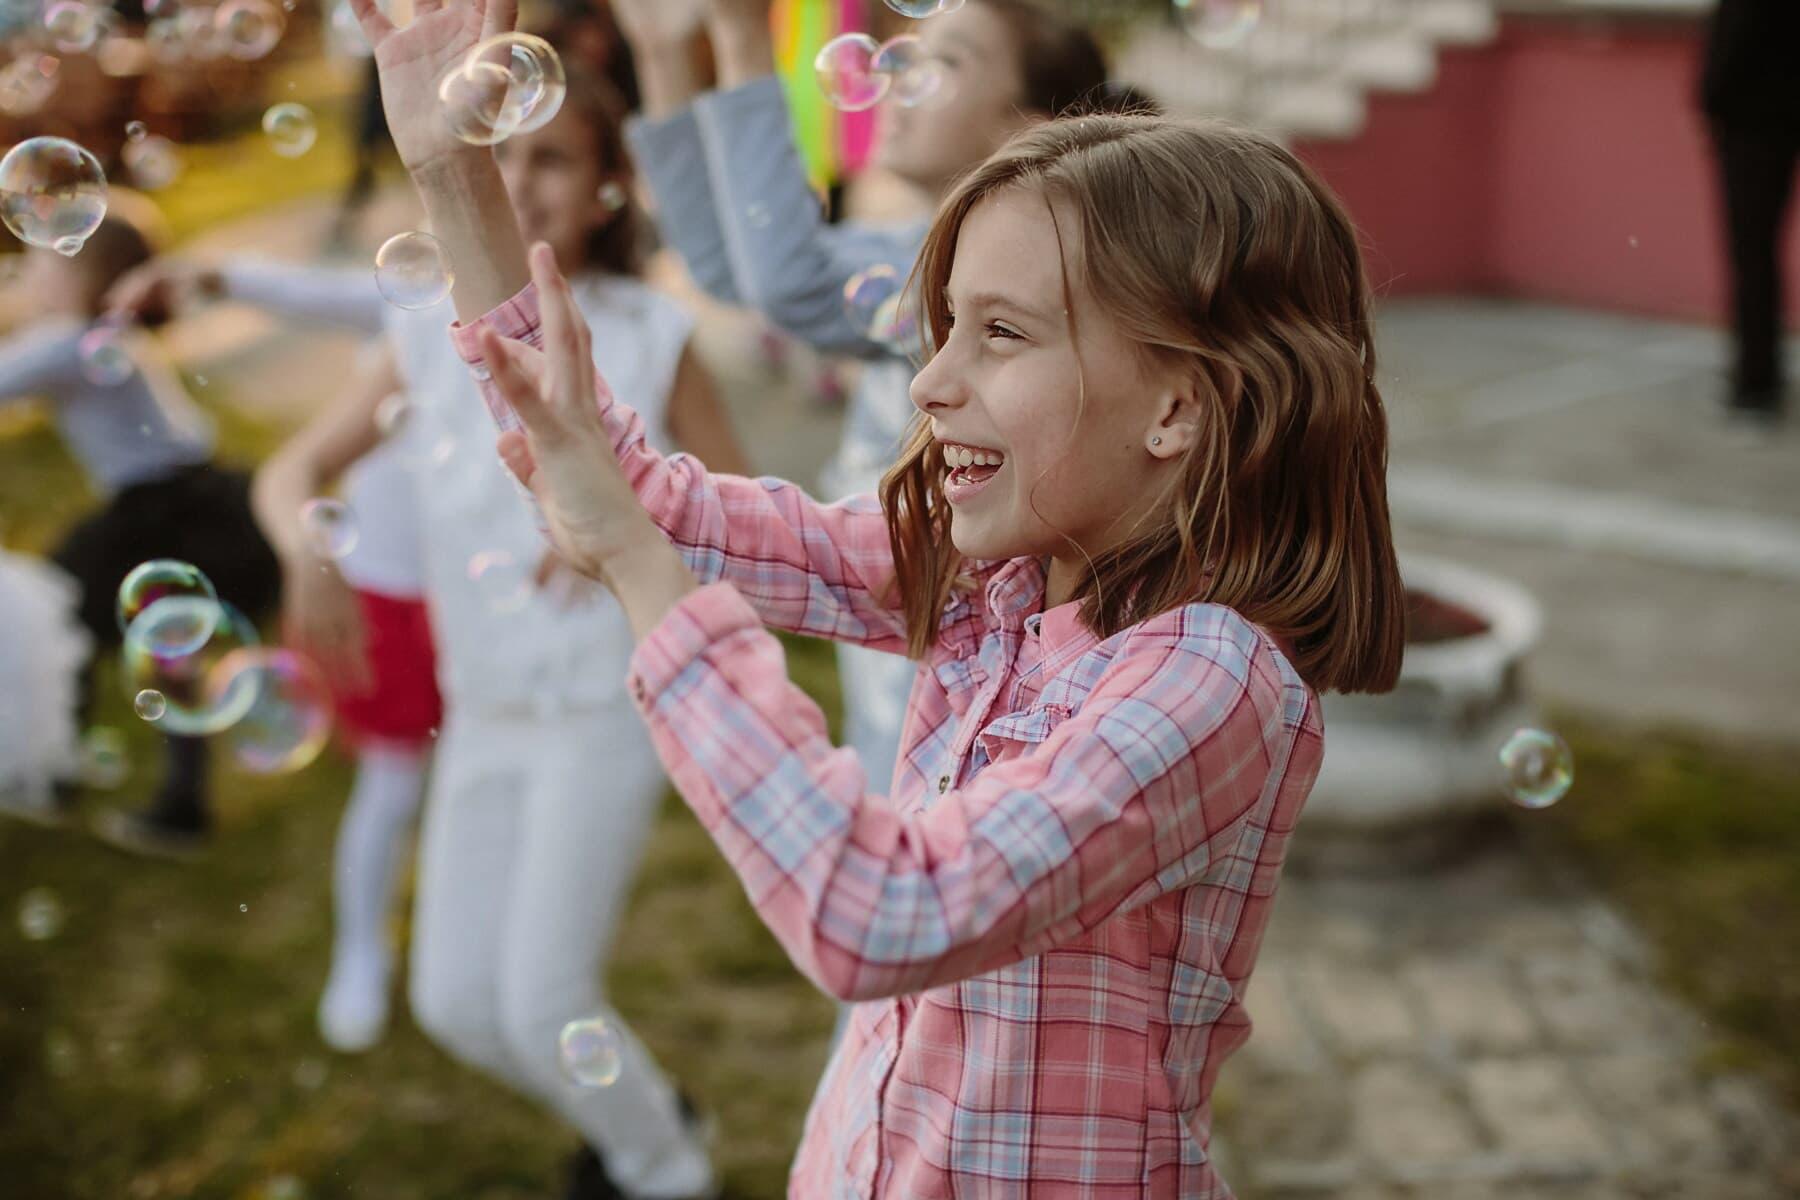 usmát se, štěstí, požitek, hezké děvče, narozeniny, strana, školačka, dítě, světlo, zábava